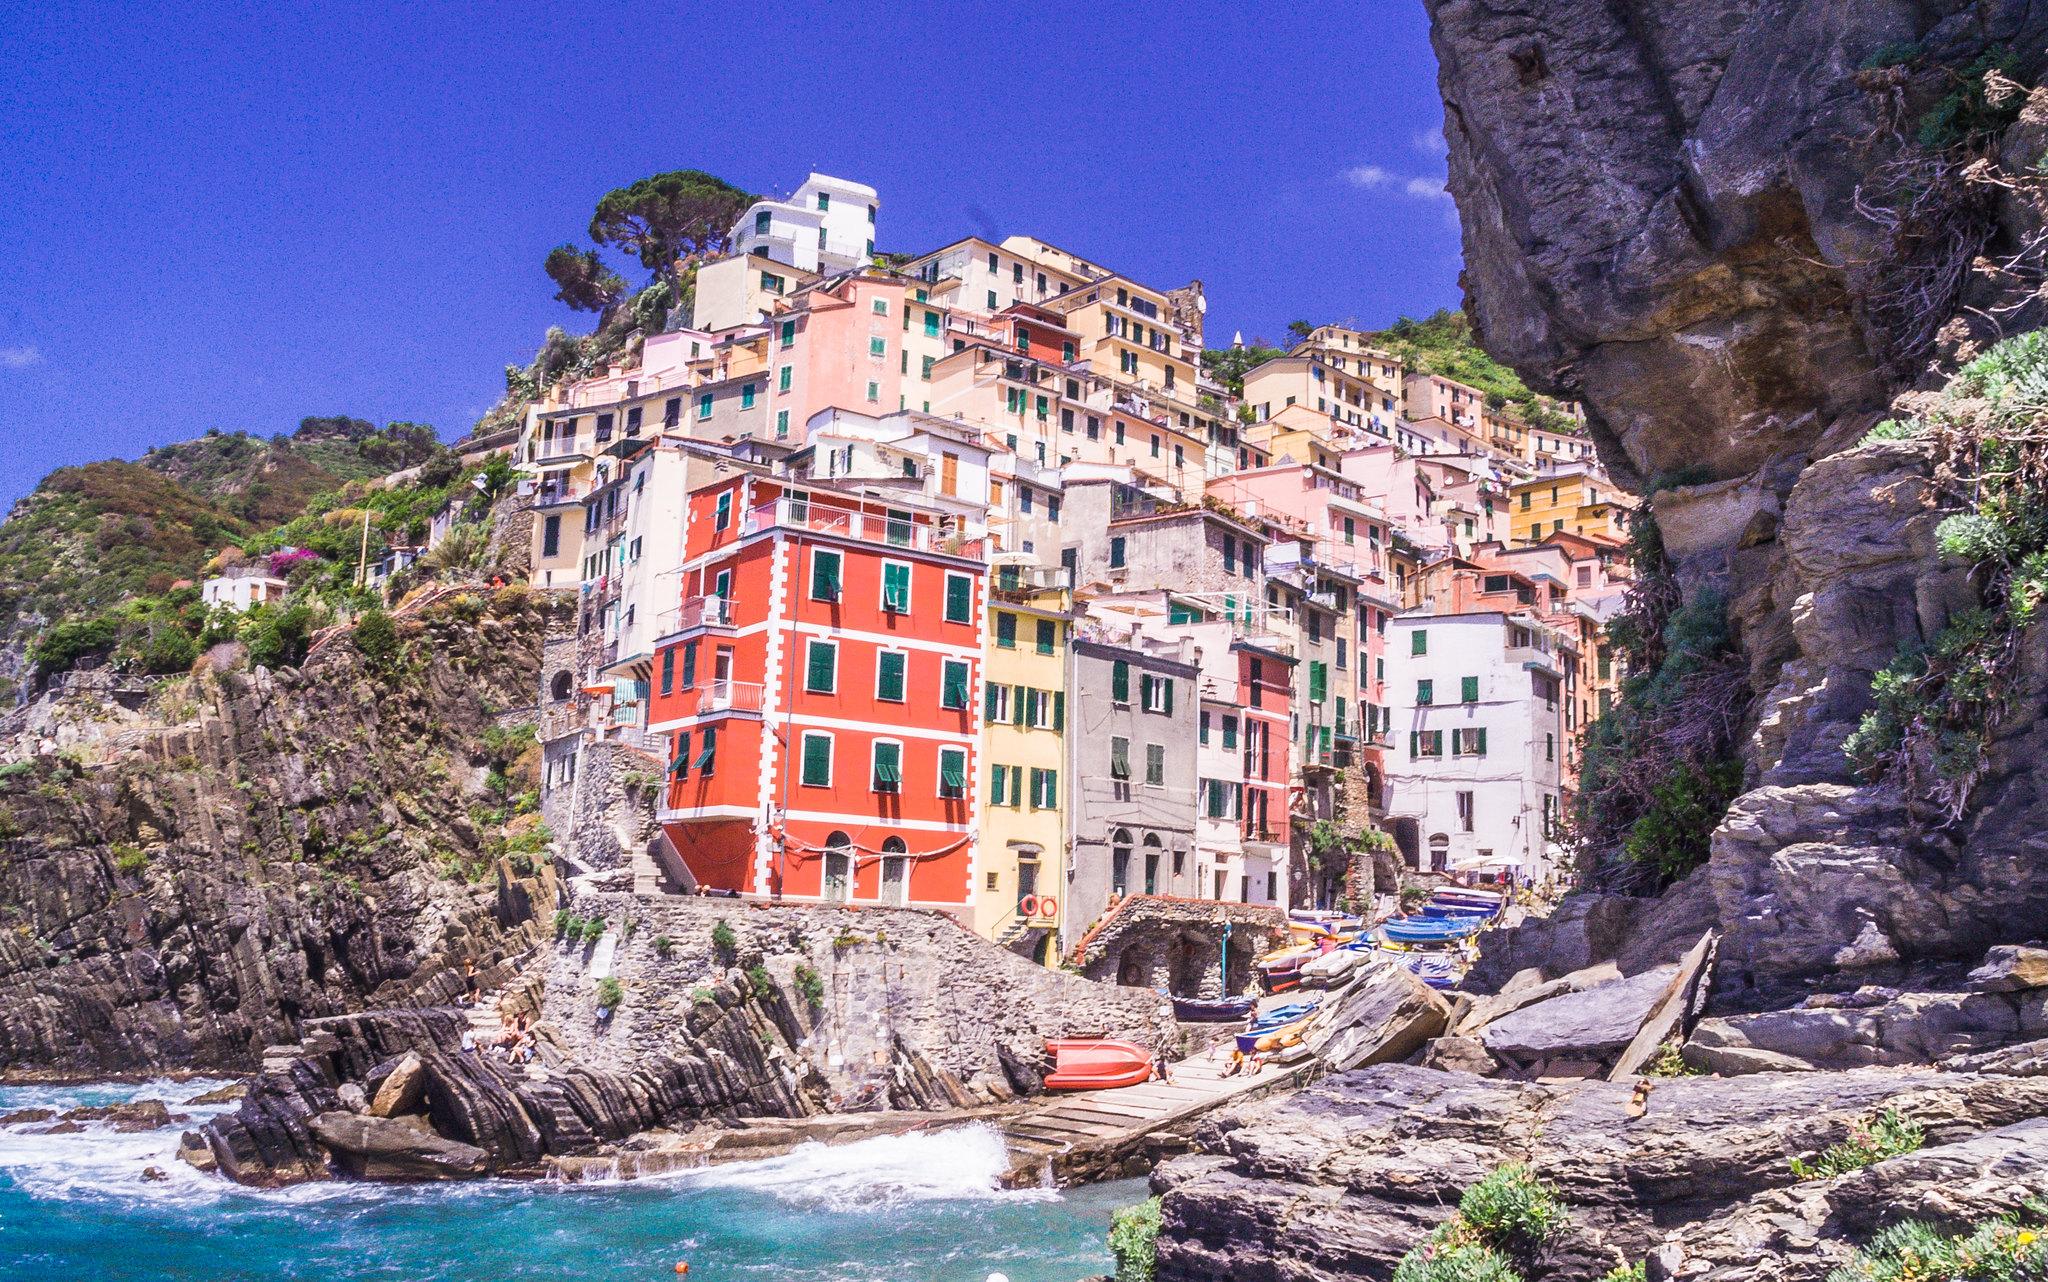 Włochy - galeria